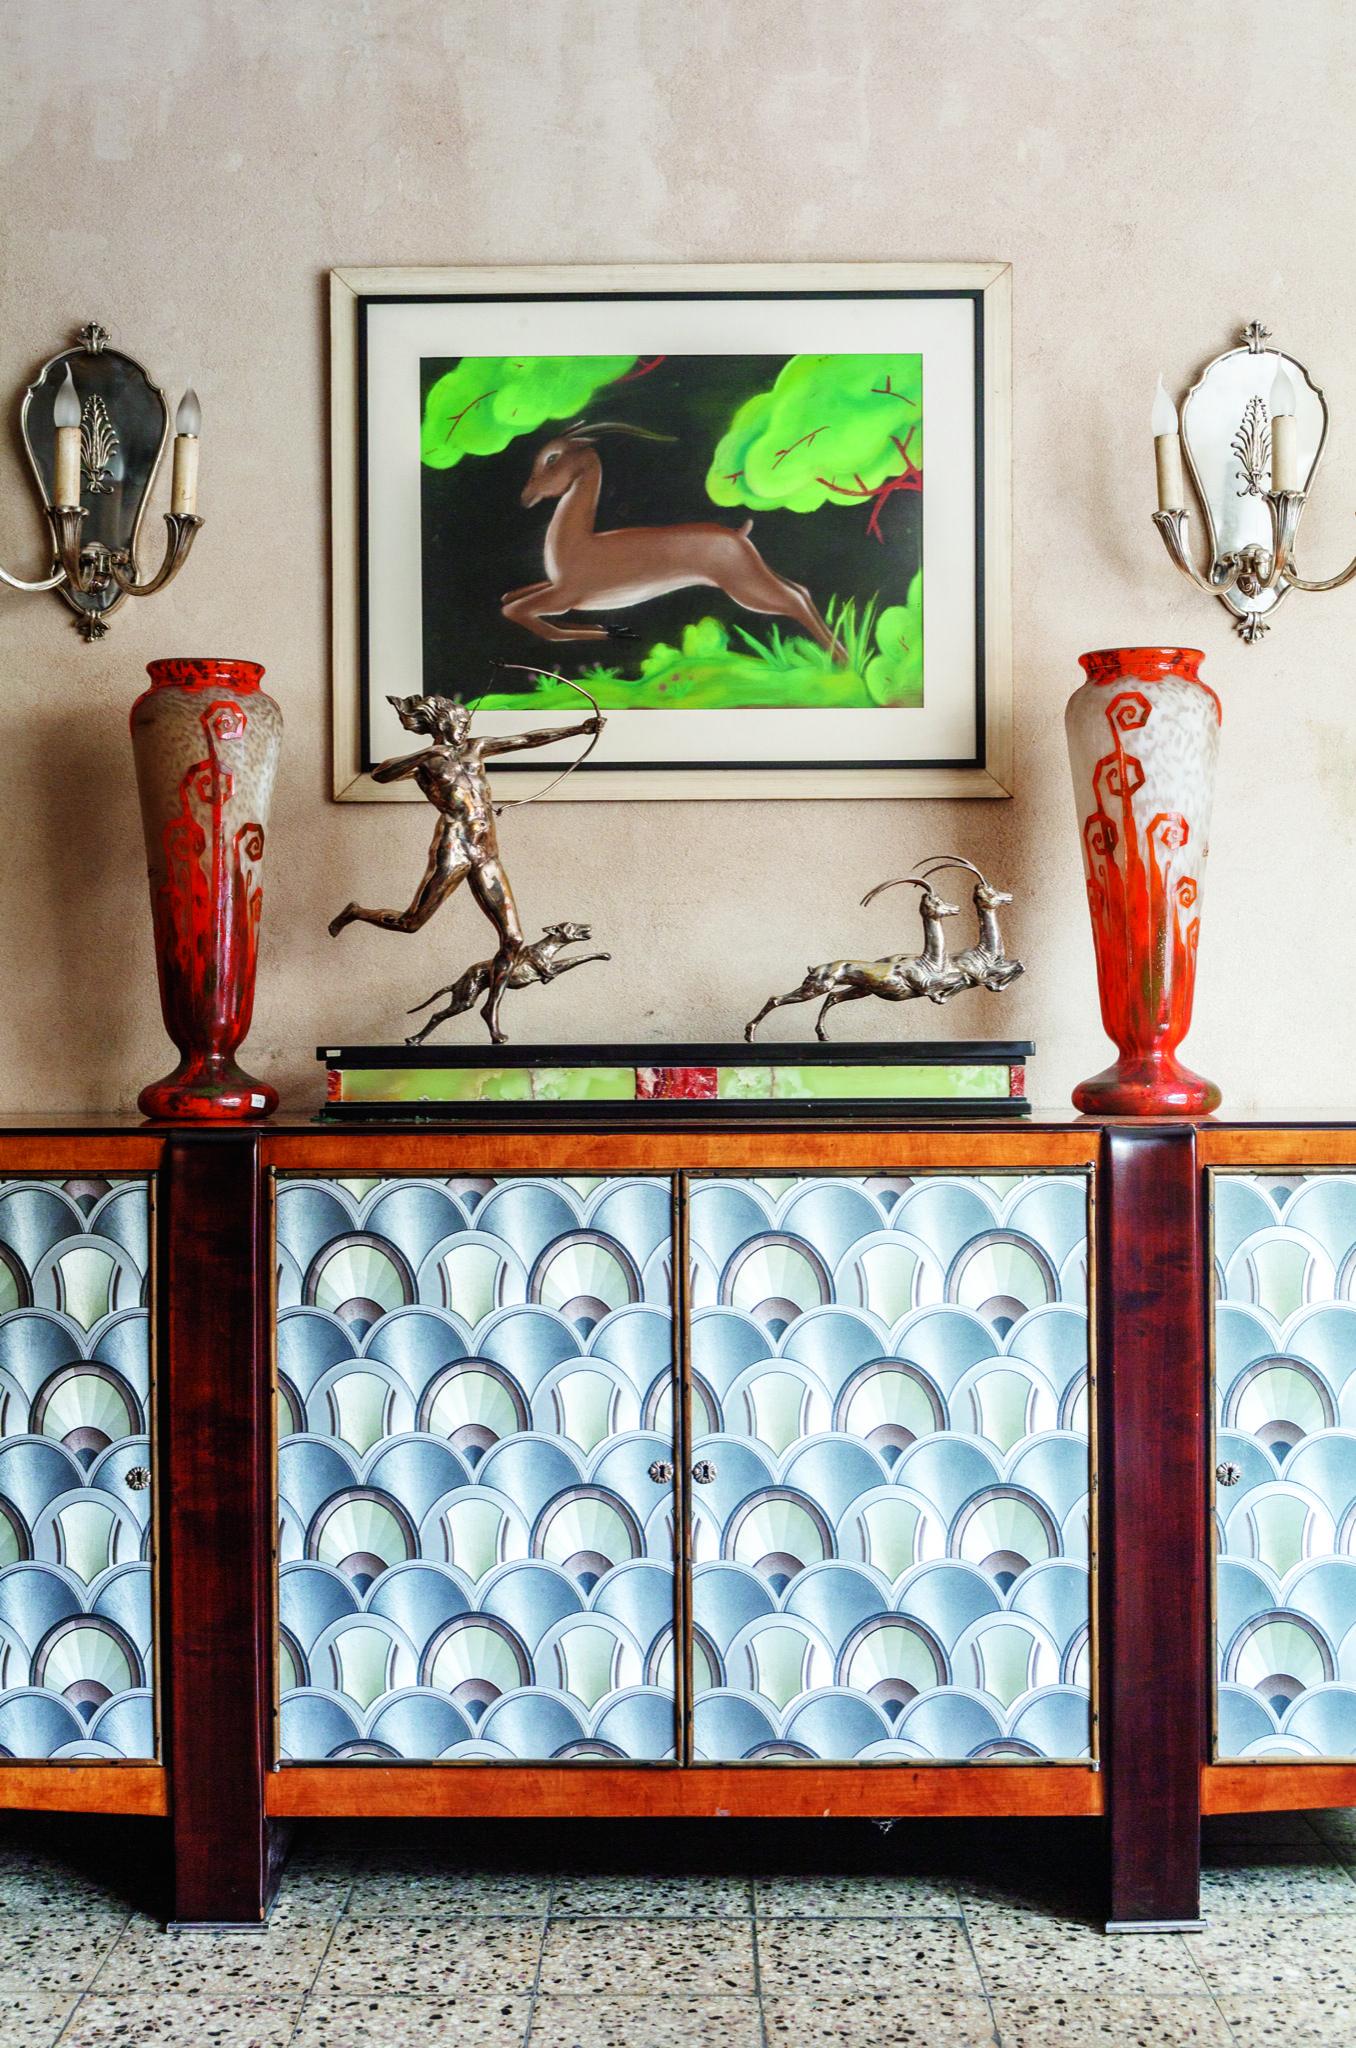 Par de apliques de bronce plateados 1920 francia par de floreros le verre decoraci n helechos - Apliques de bronce para muebles ...